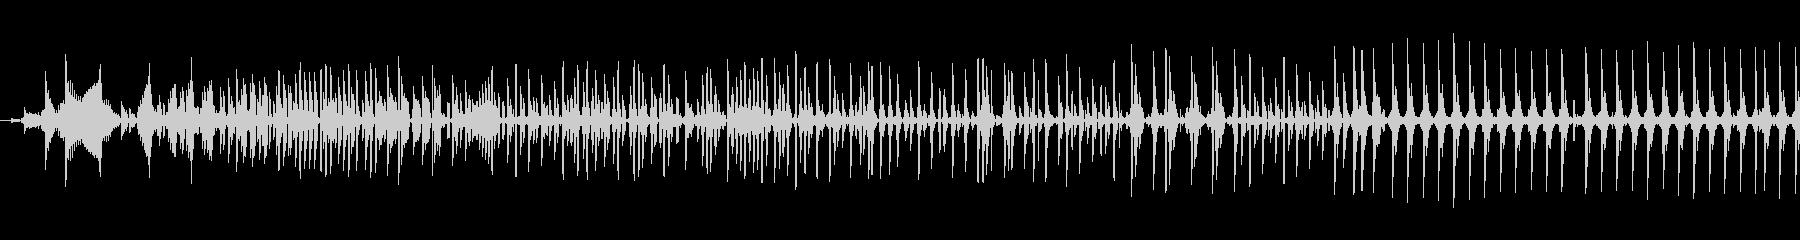 データ通信転送テキストバズの未再生の波形